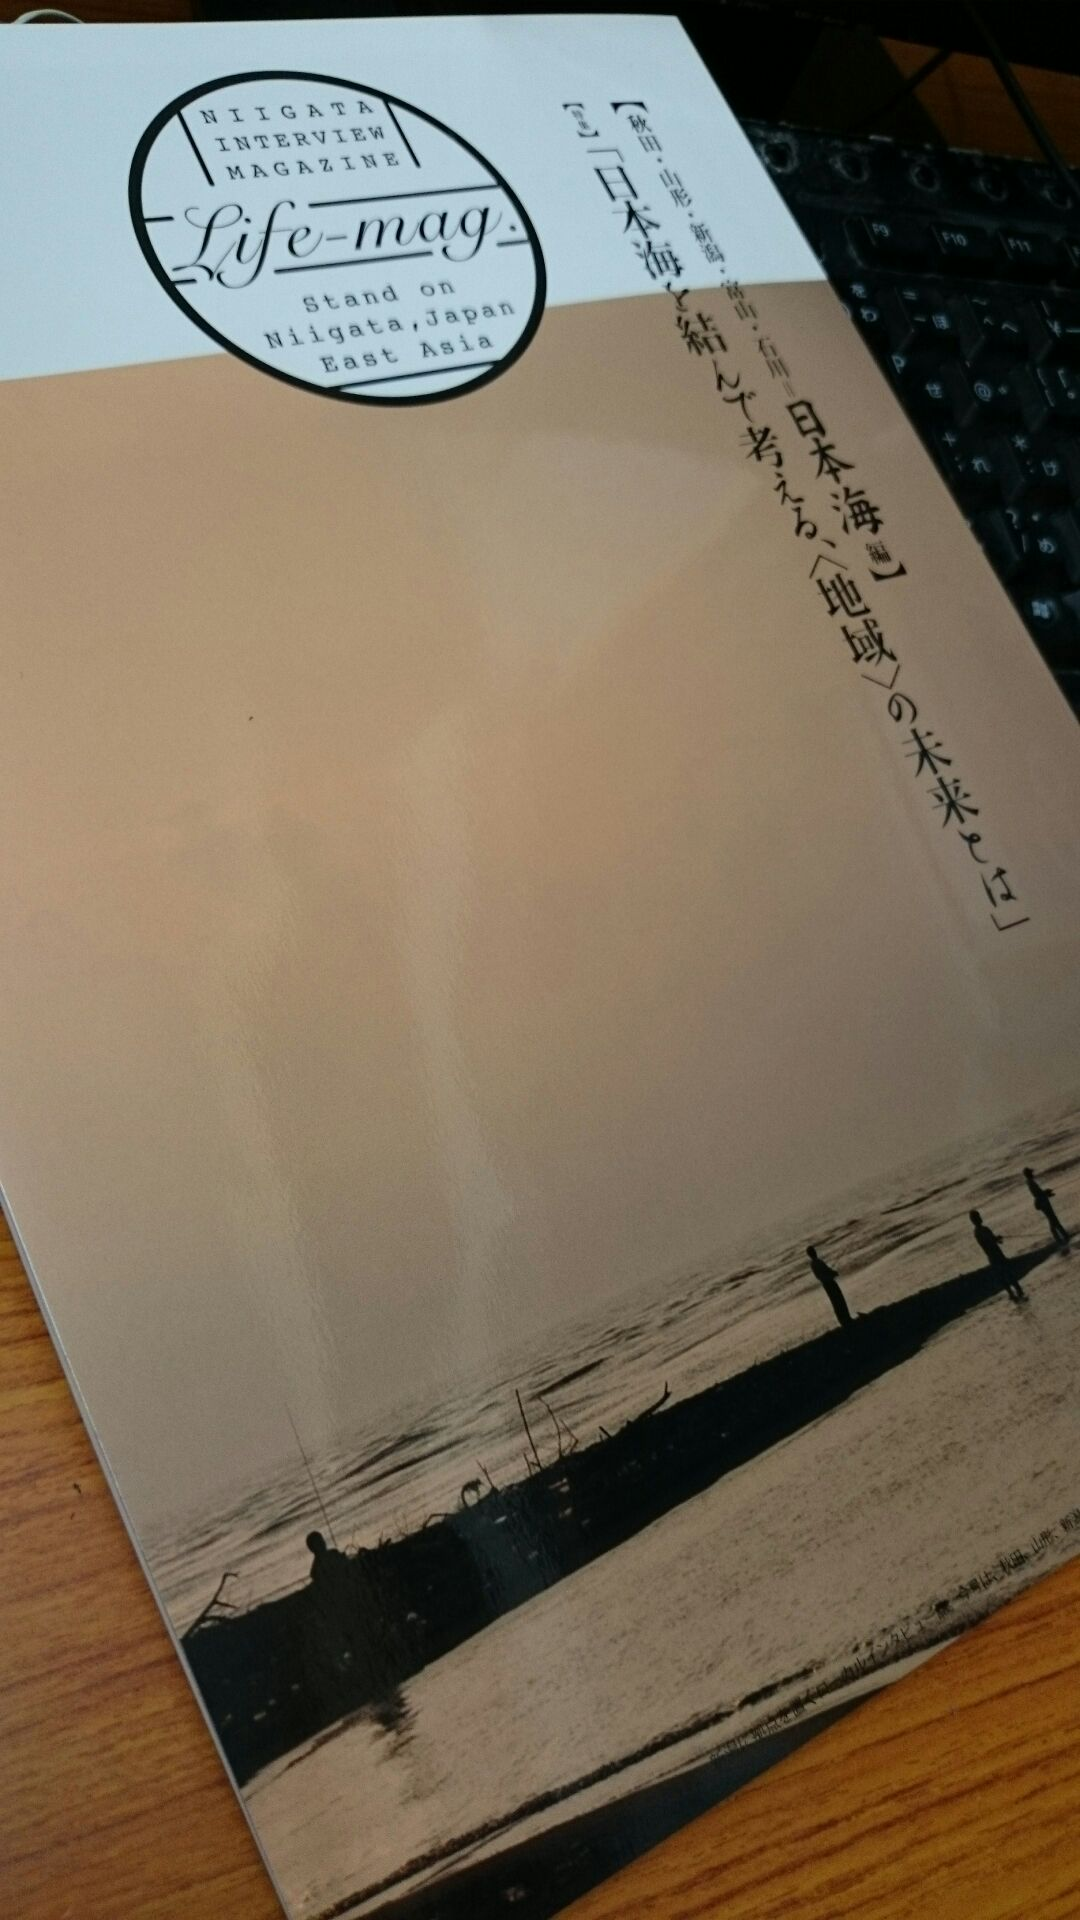 新潟発「Life-mag」_d0180229_1740954.jpg